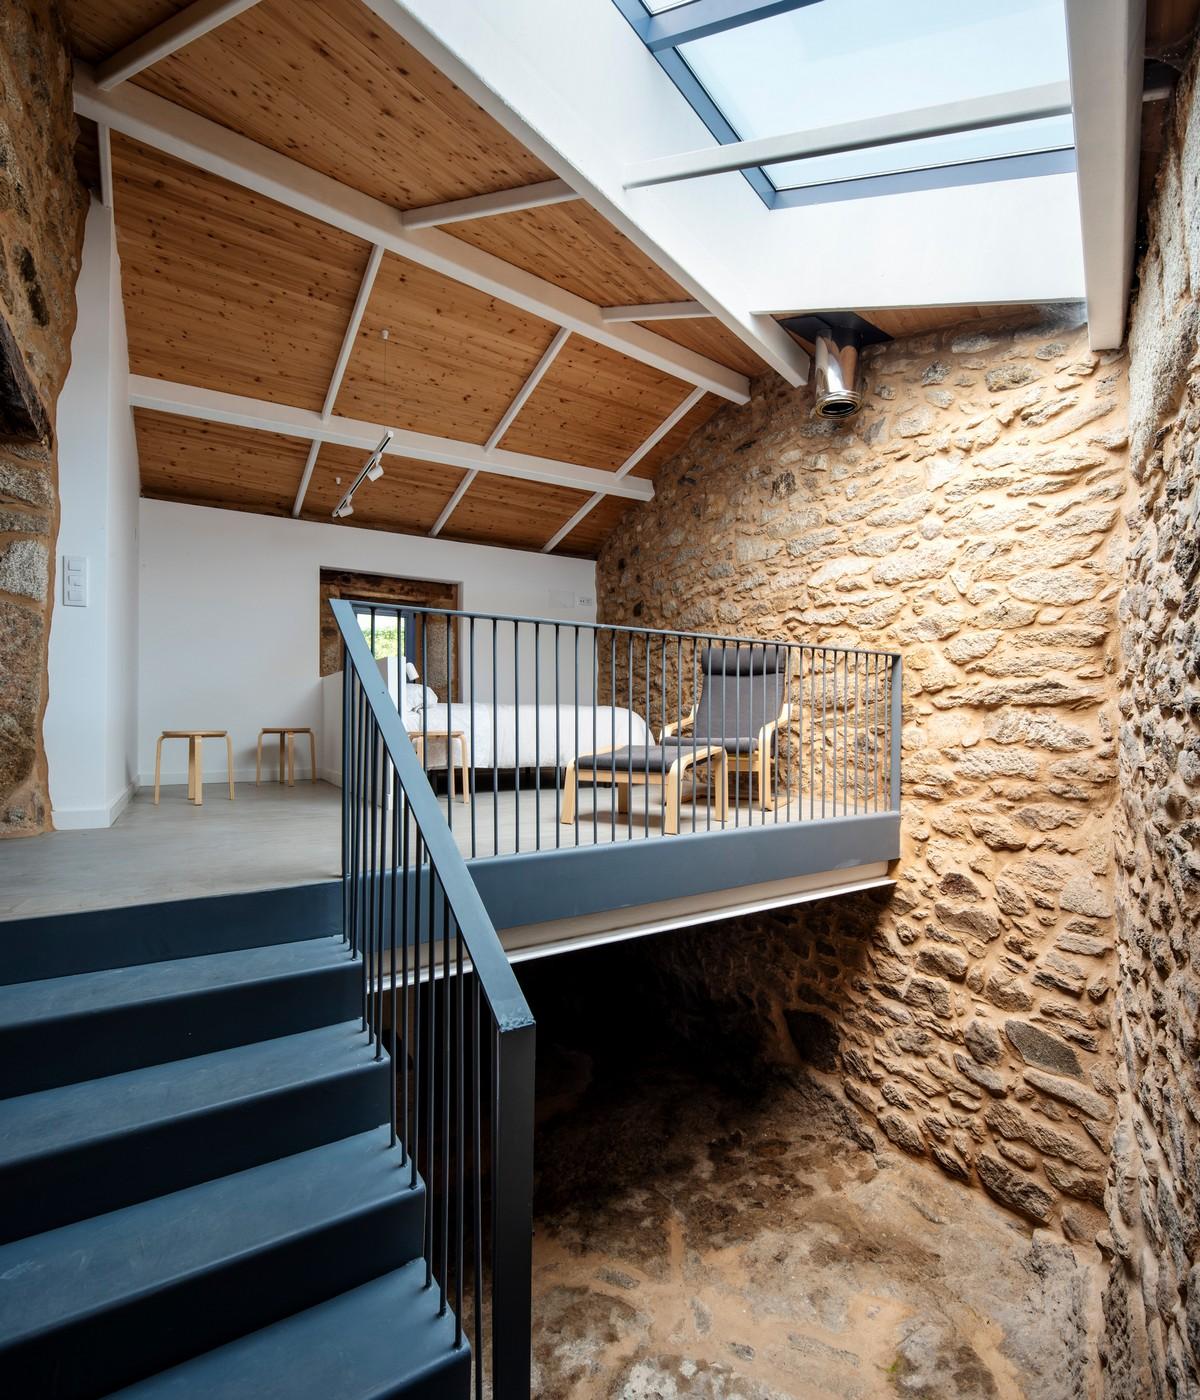 Реконструкция старого сельского дома в Испании Картинки и фото